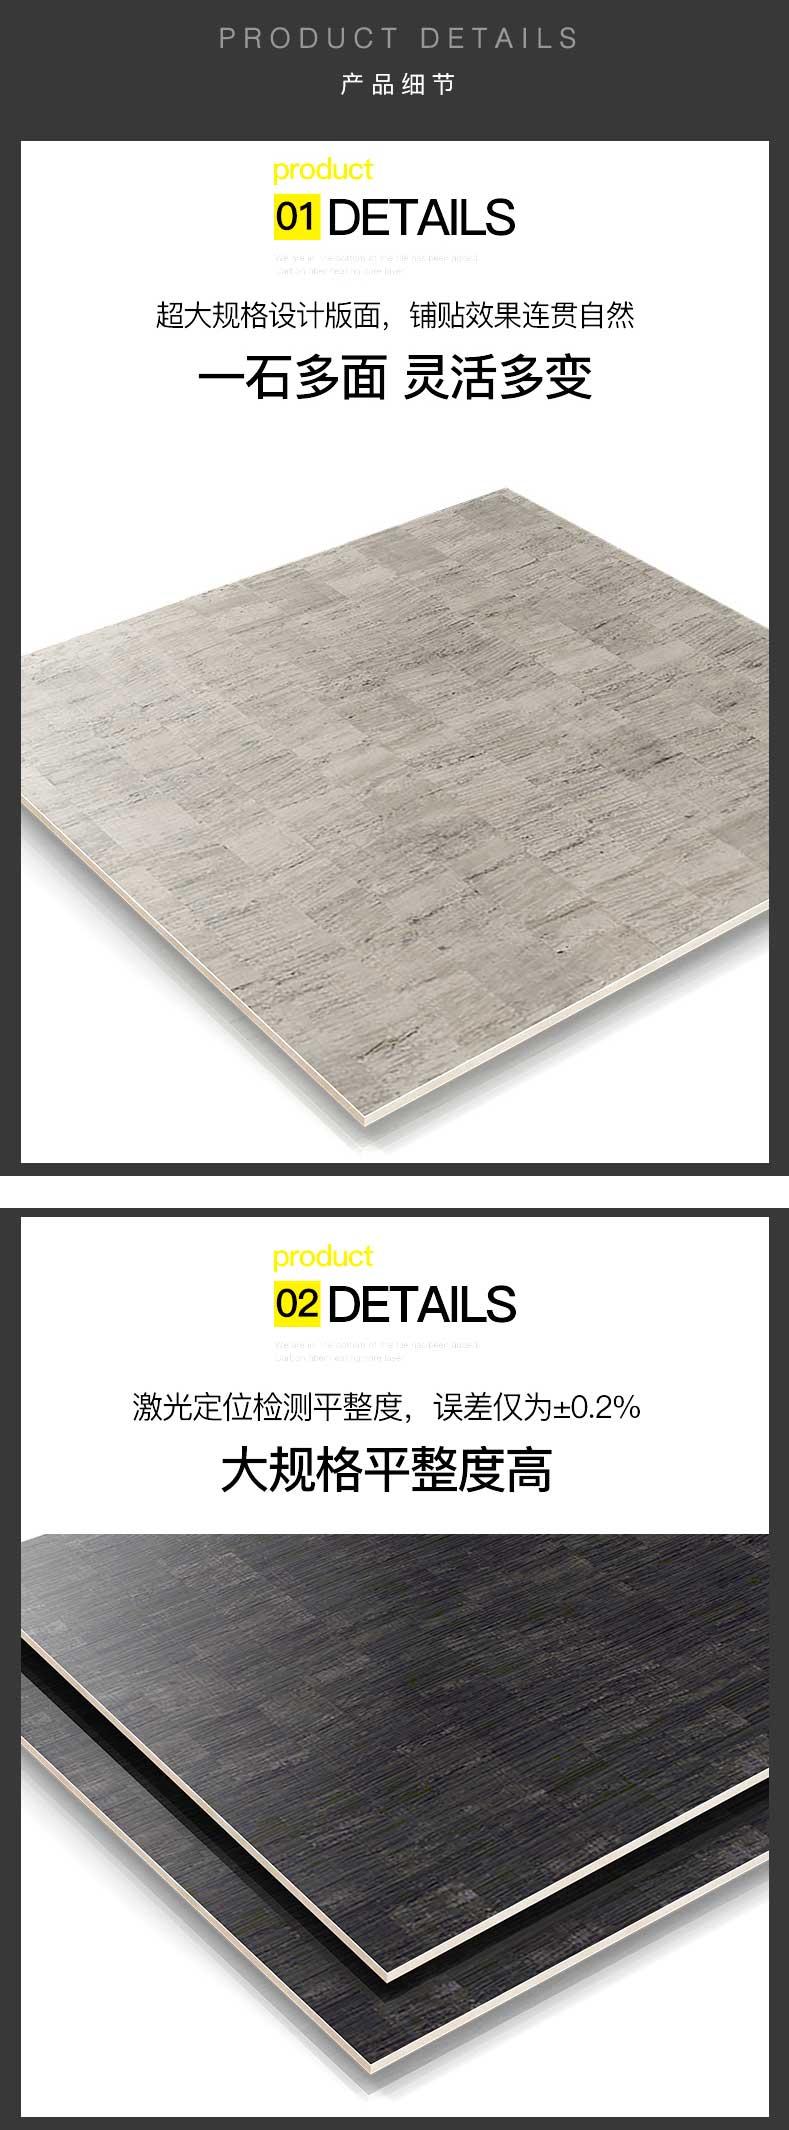 亚细亚瓷砖-仿古砖拉丝木600x600_05.jpg